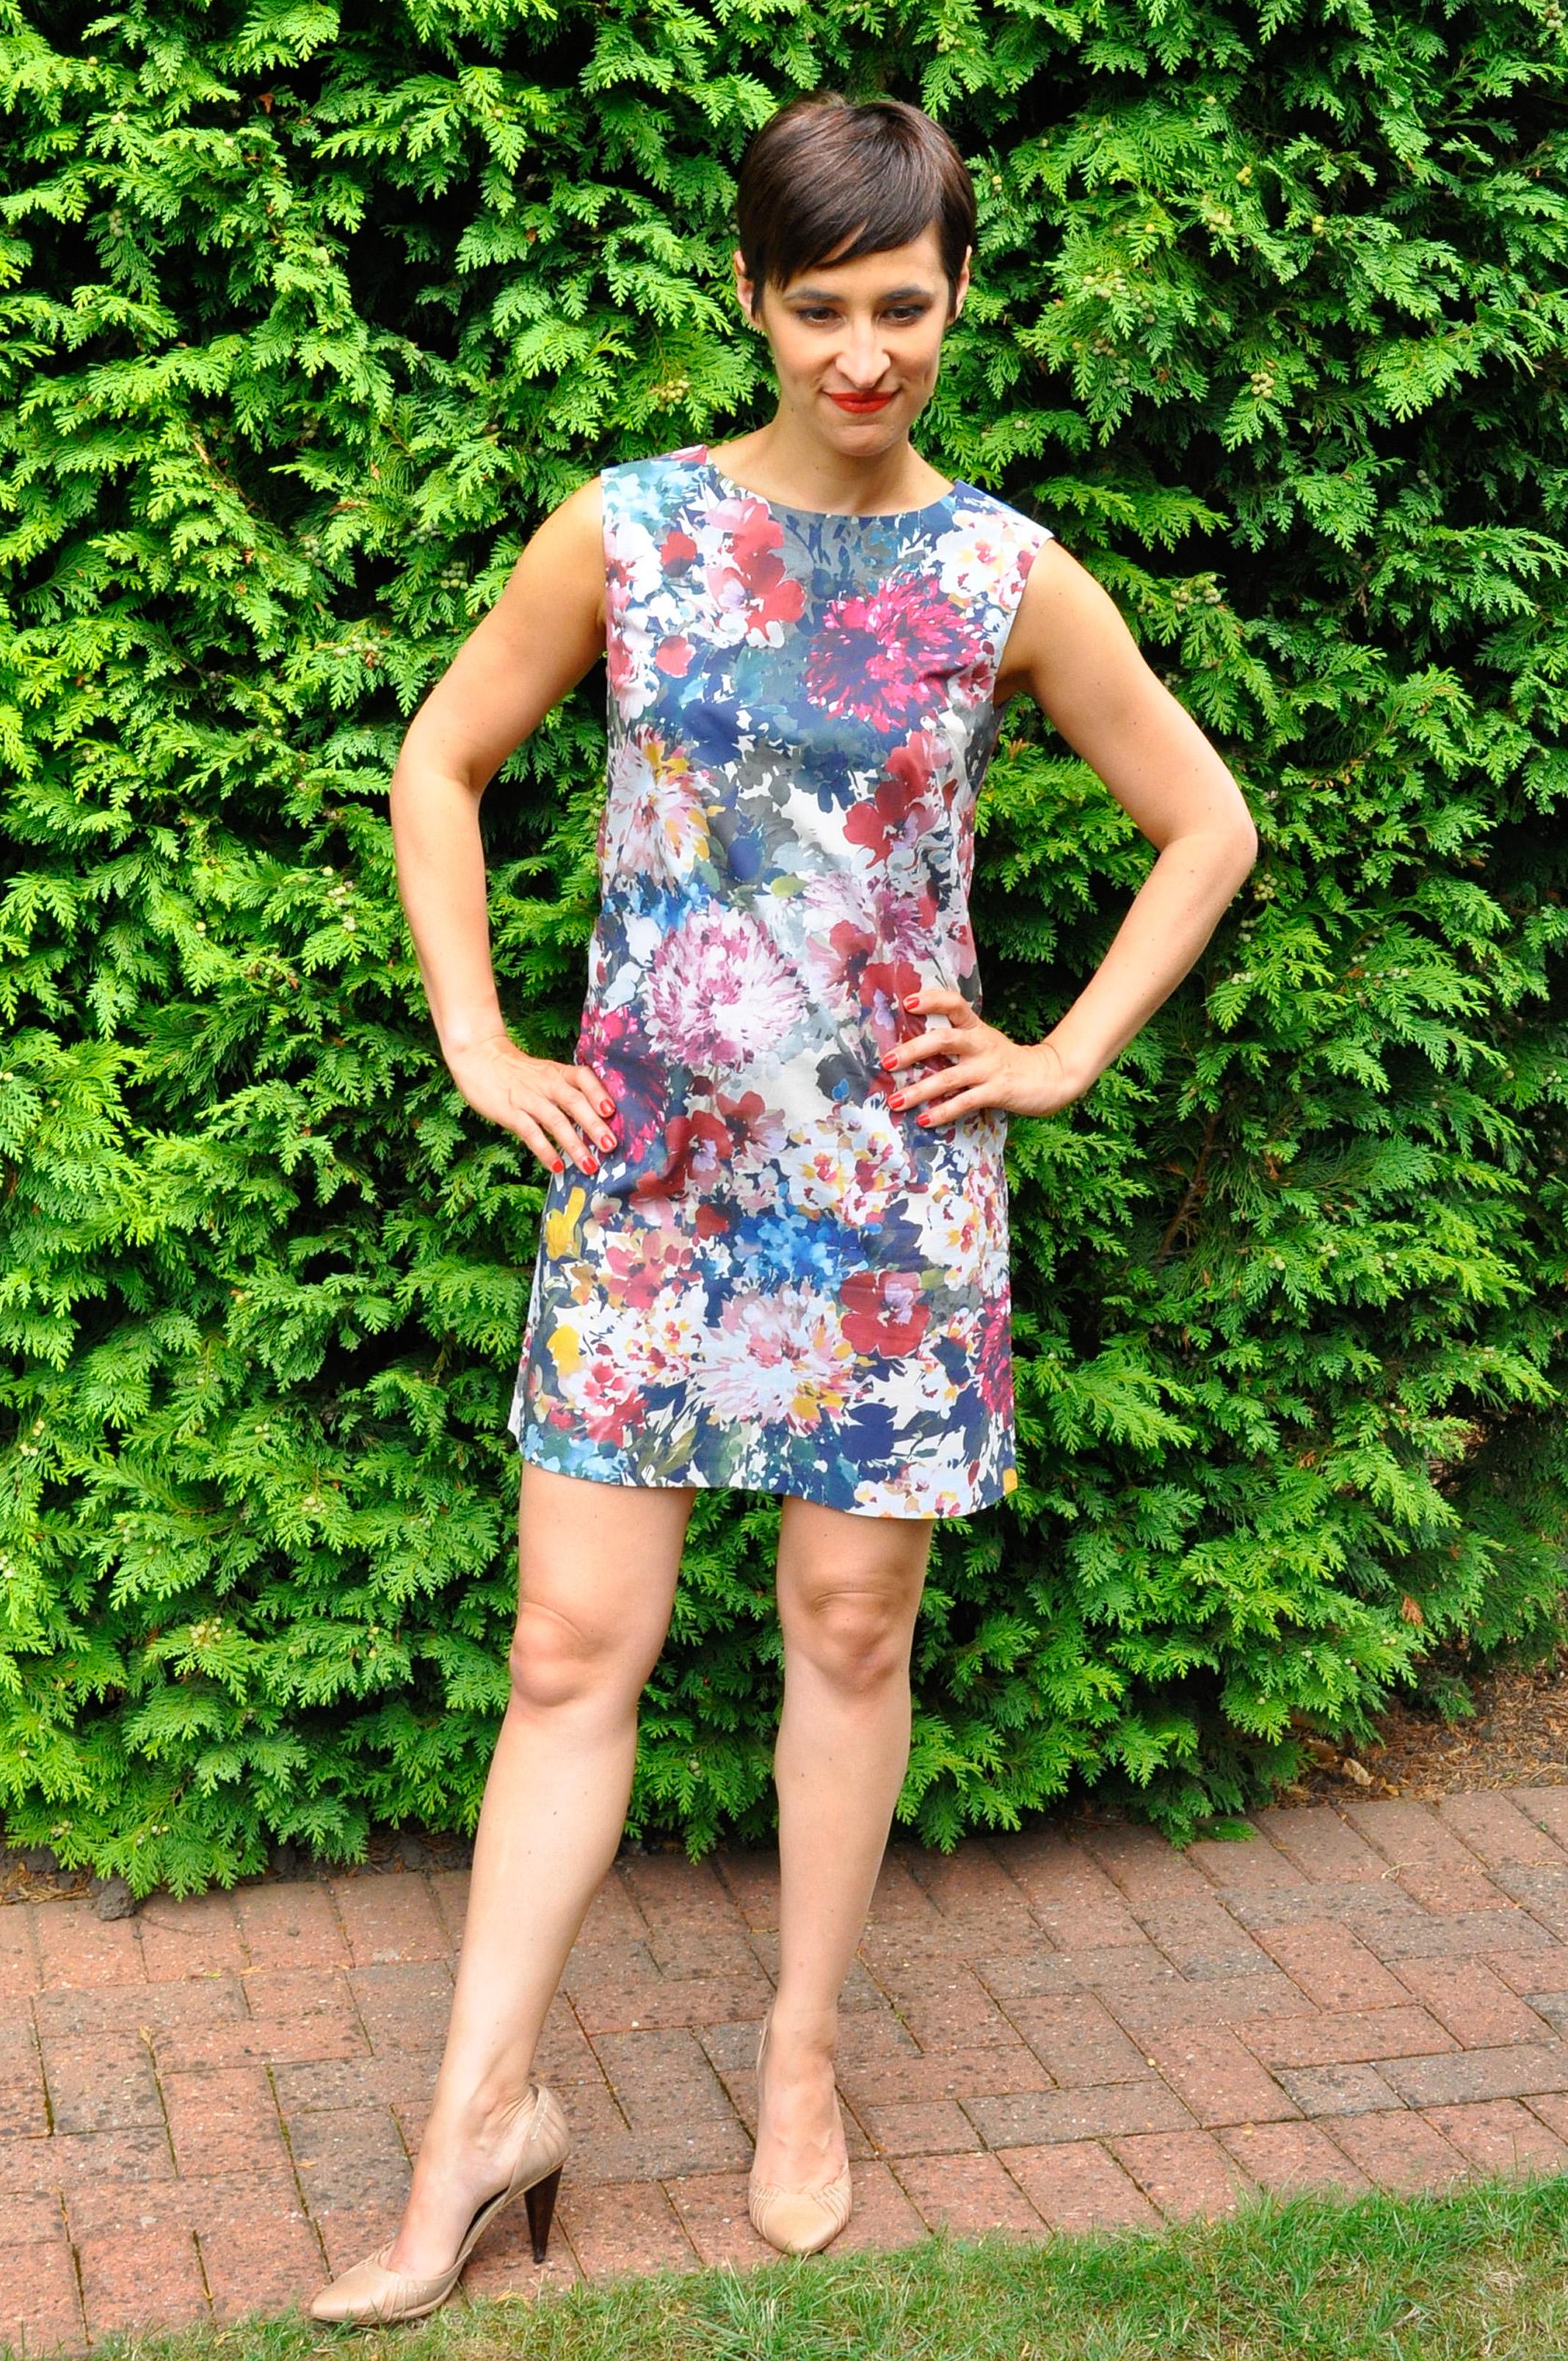 McCalls's 7533 dress